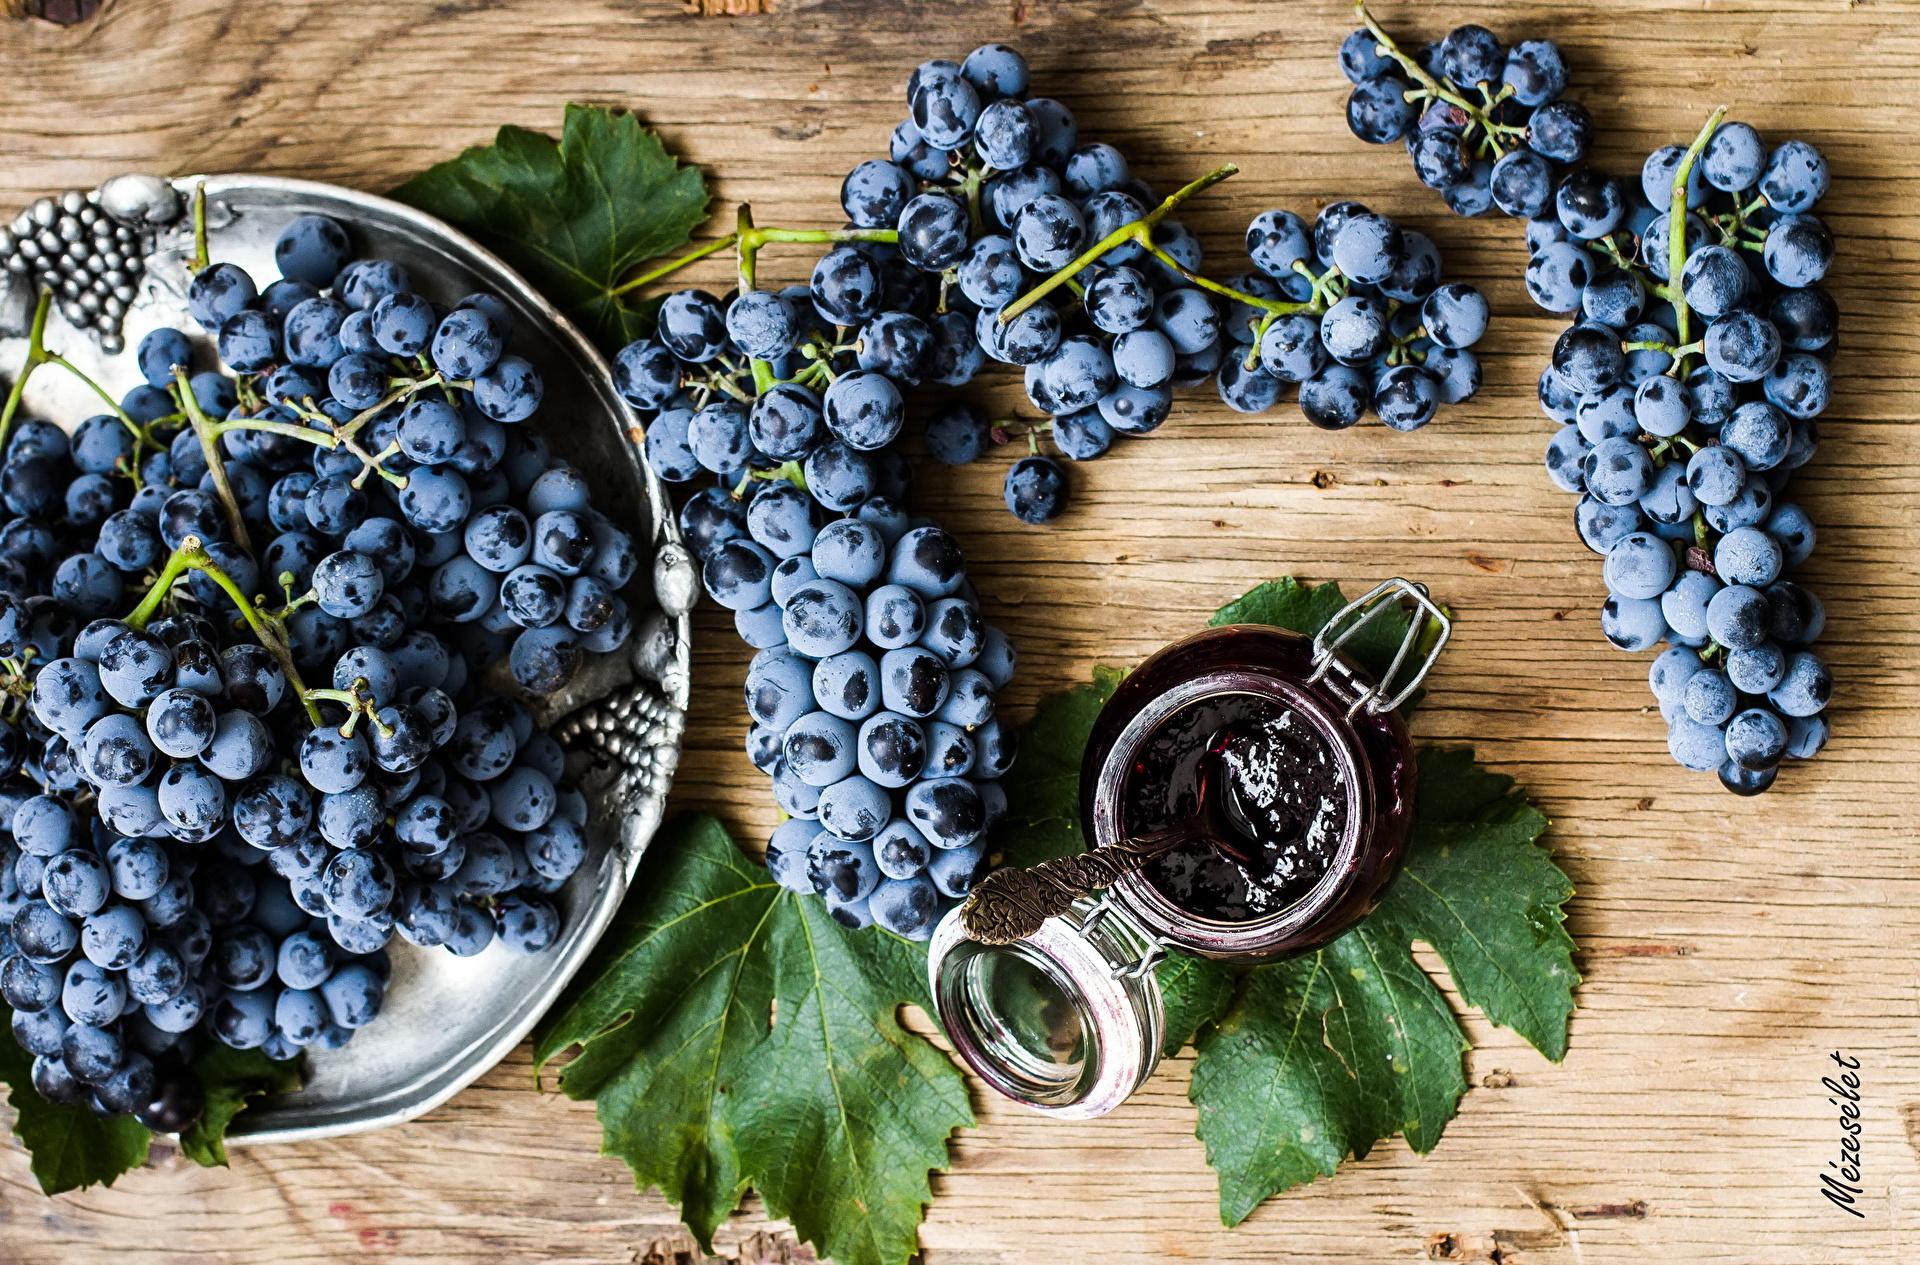 еда виноград food grapes скачать